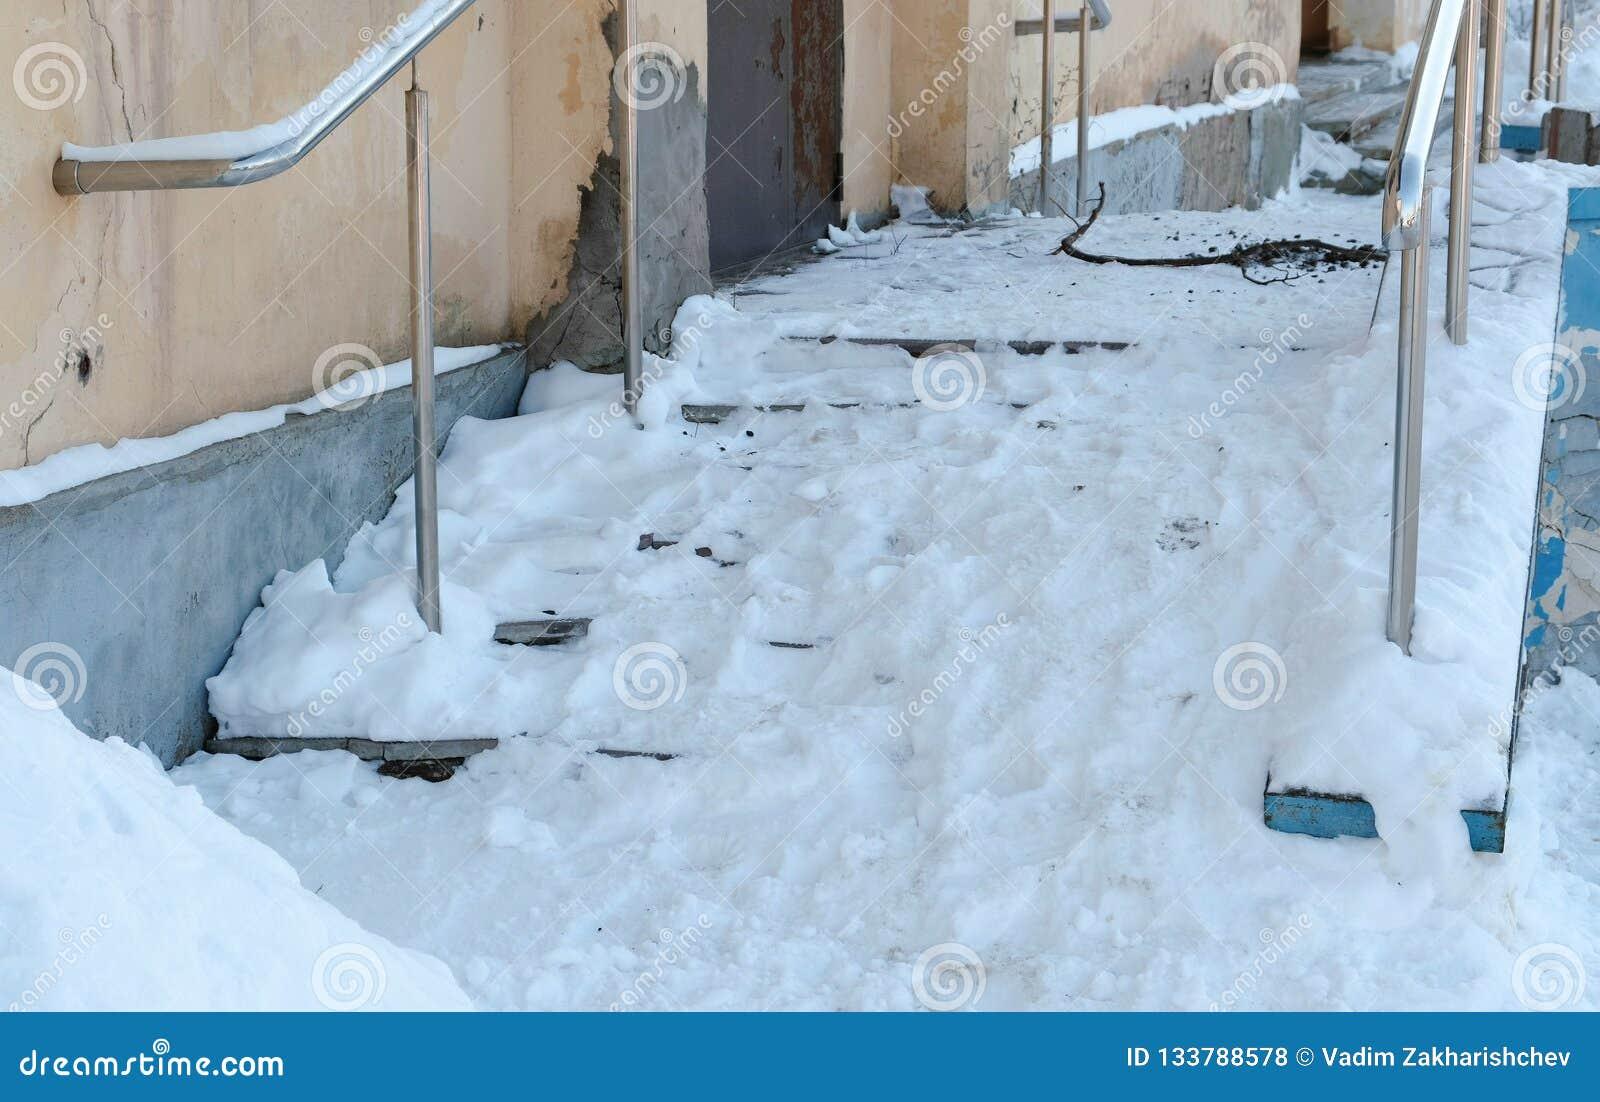 Snöig hal trappa av farstubron i vinterdag